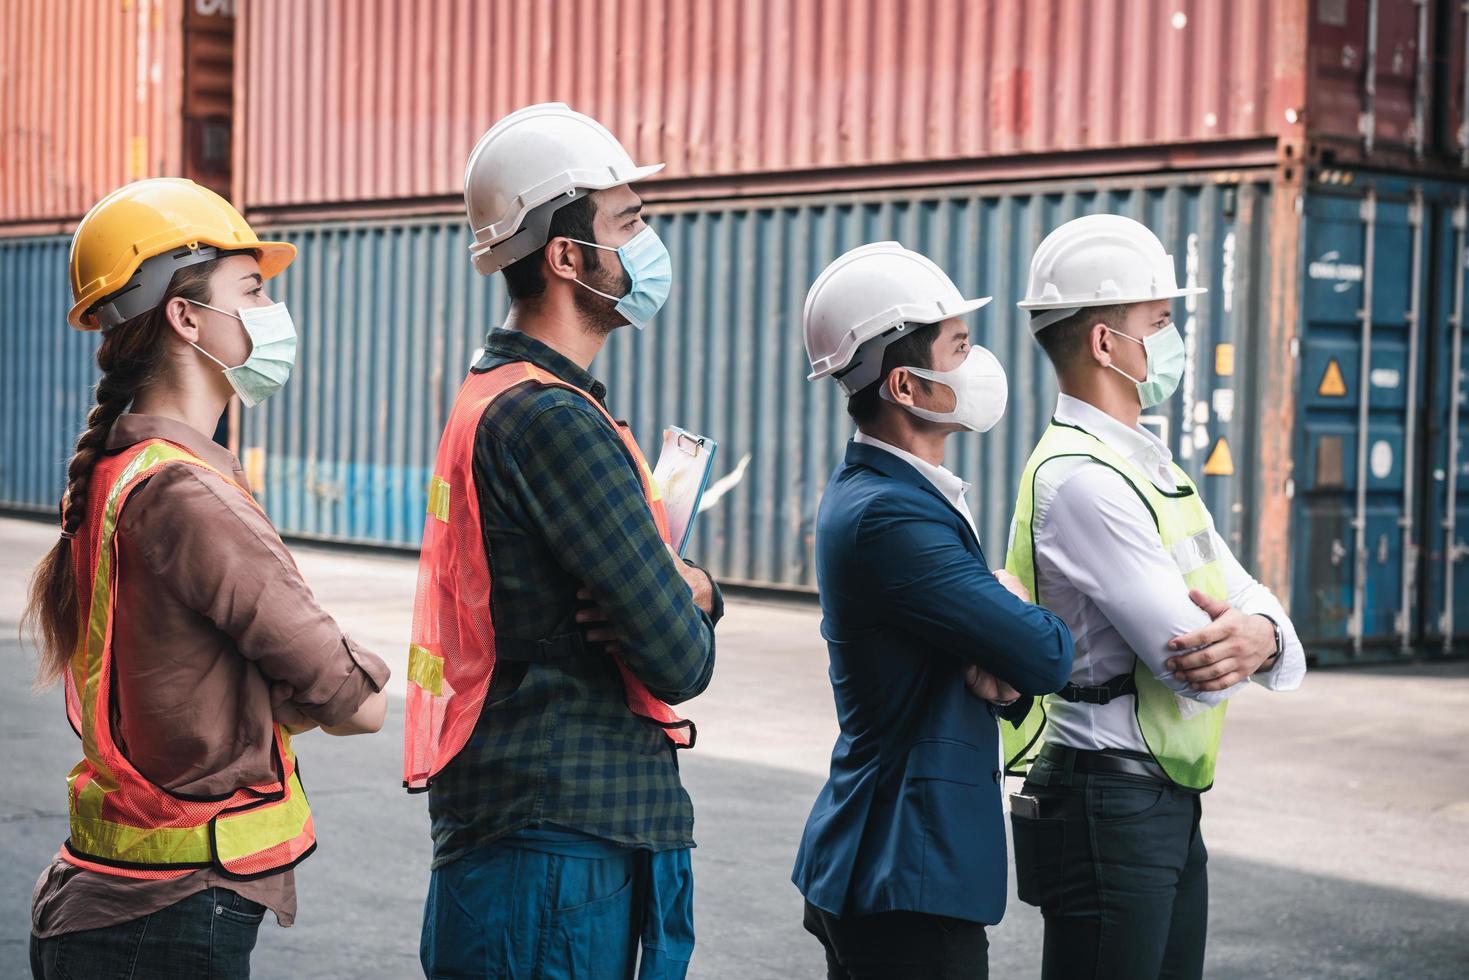 trabajadores de la construcción compatible con covid-19 foto